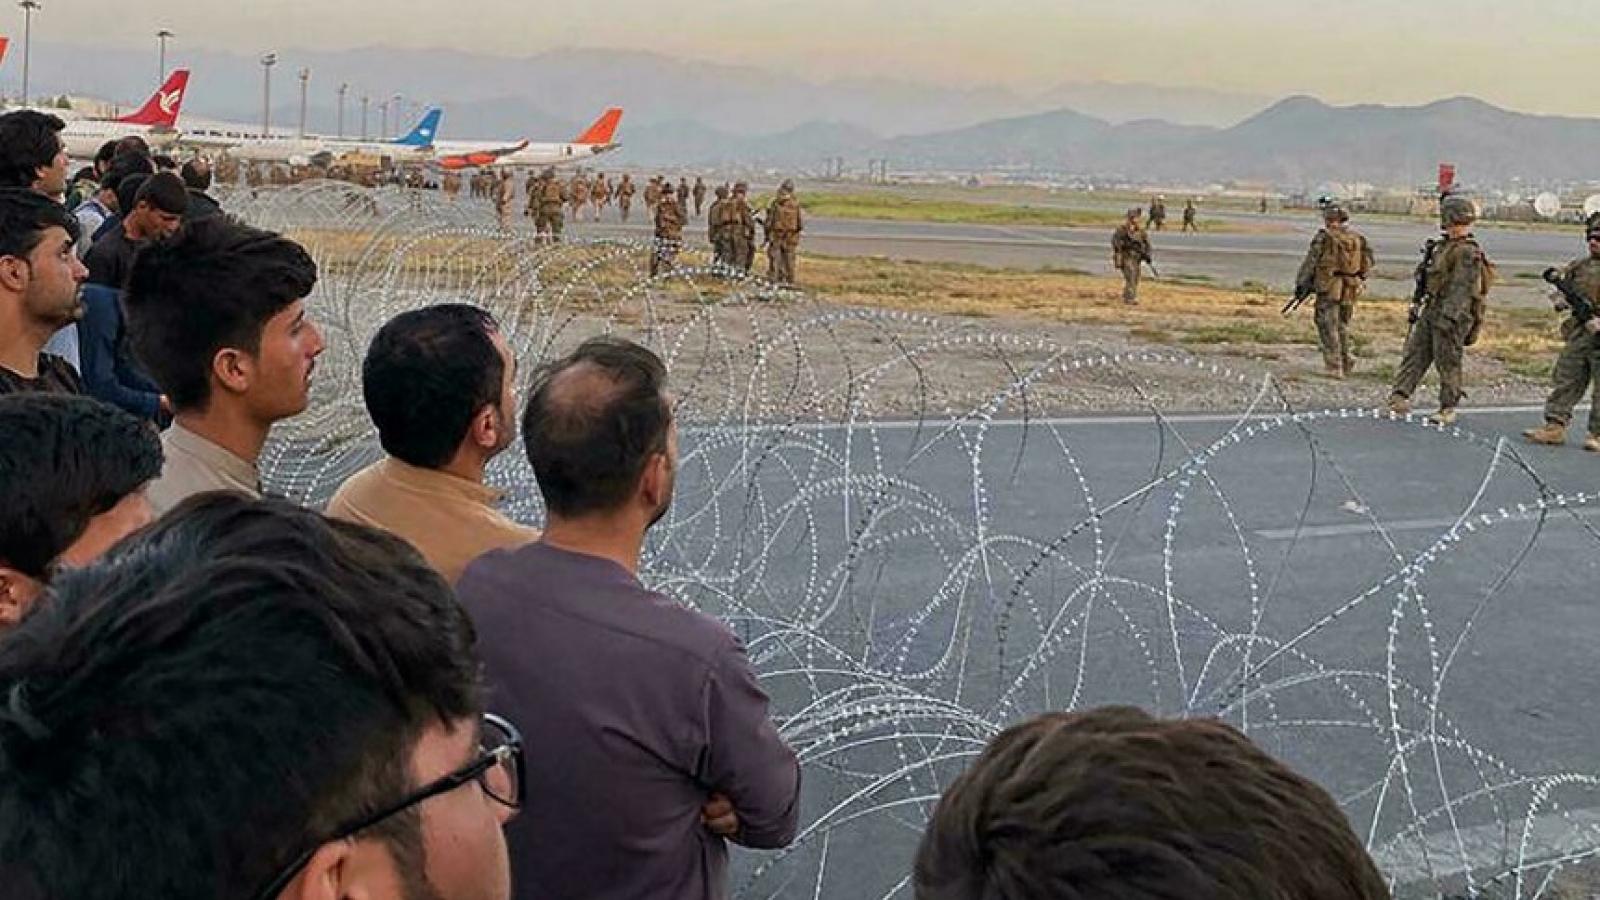 Sân bay Kabul (Afghanistan) vẫn đối mặt với nguy cơ khủng bố bằng bom hoặc rocket